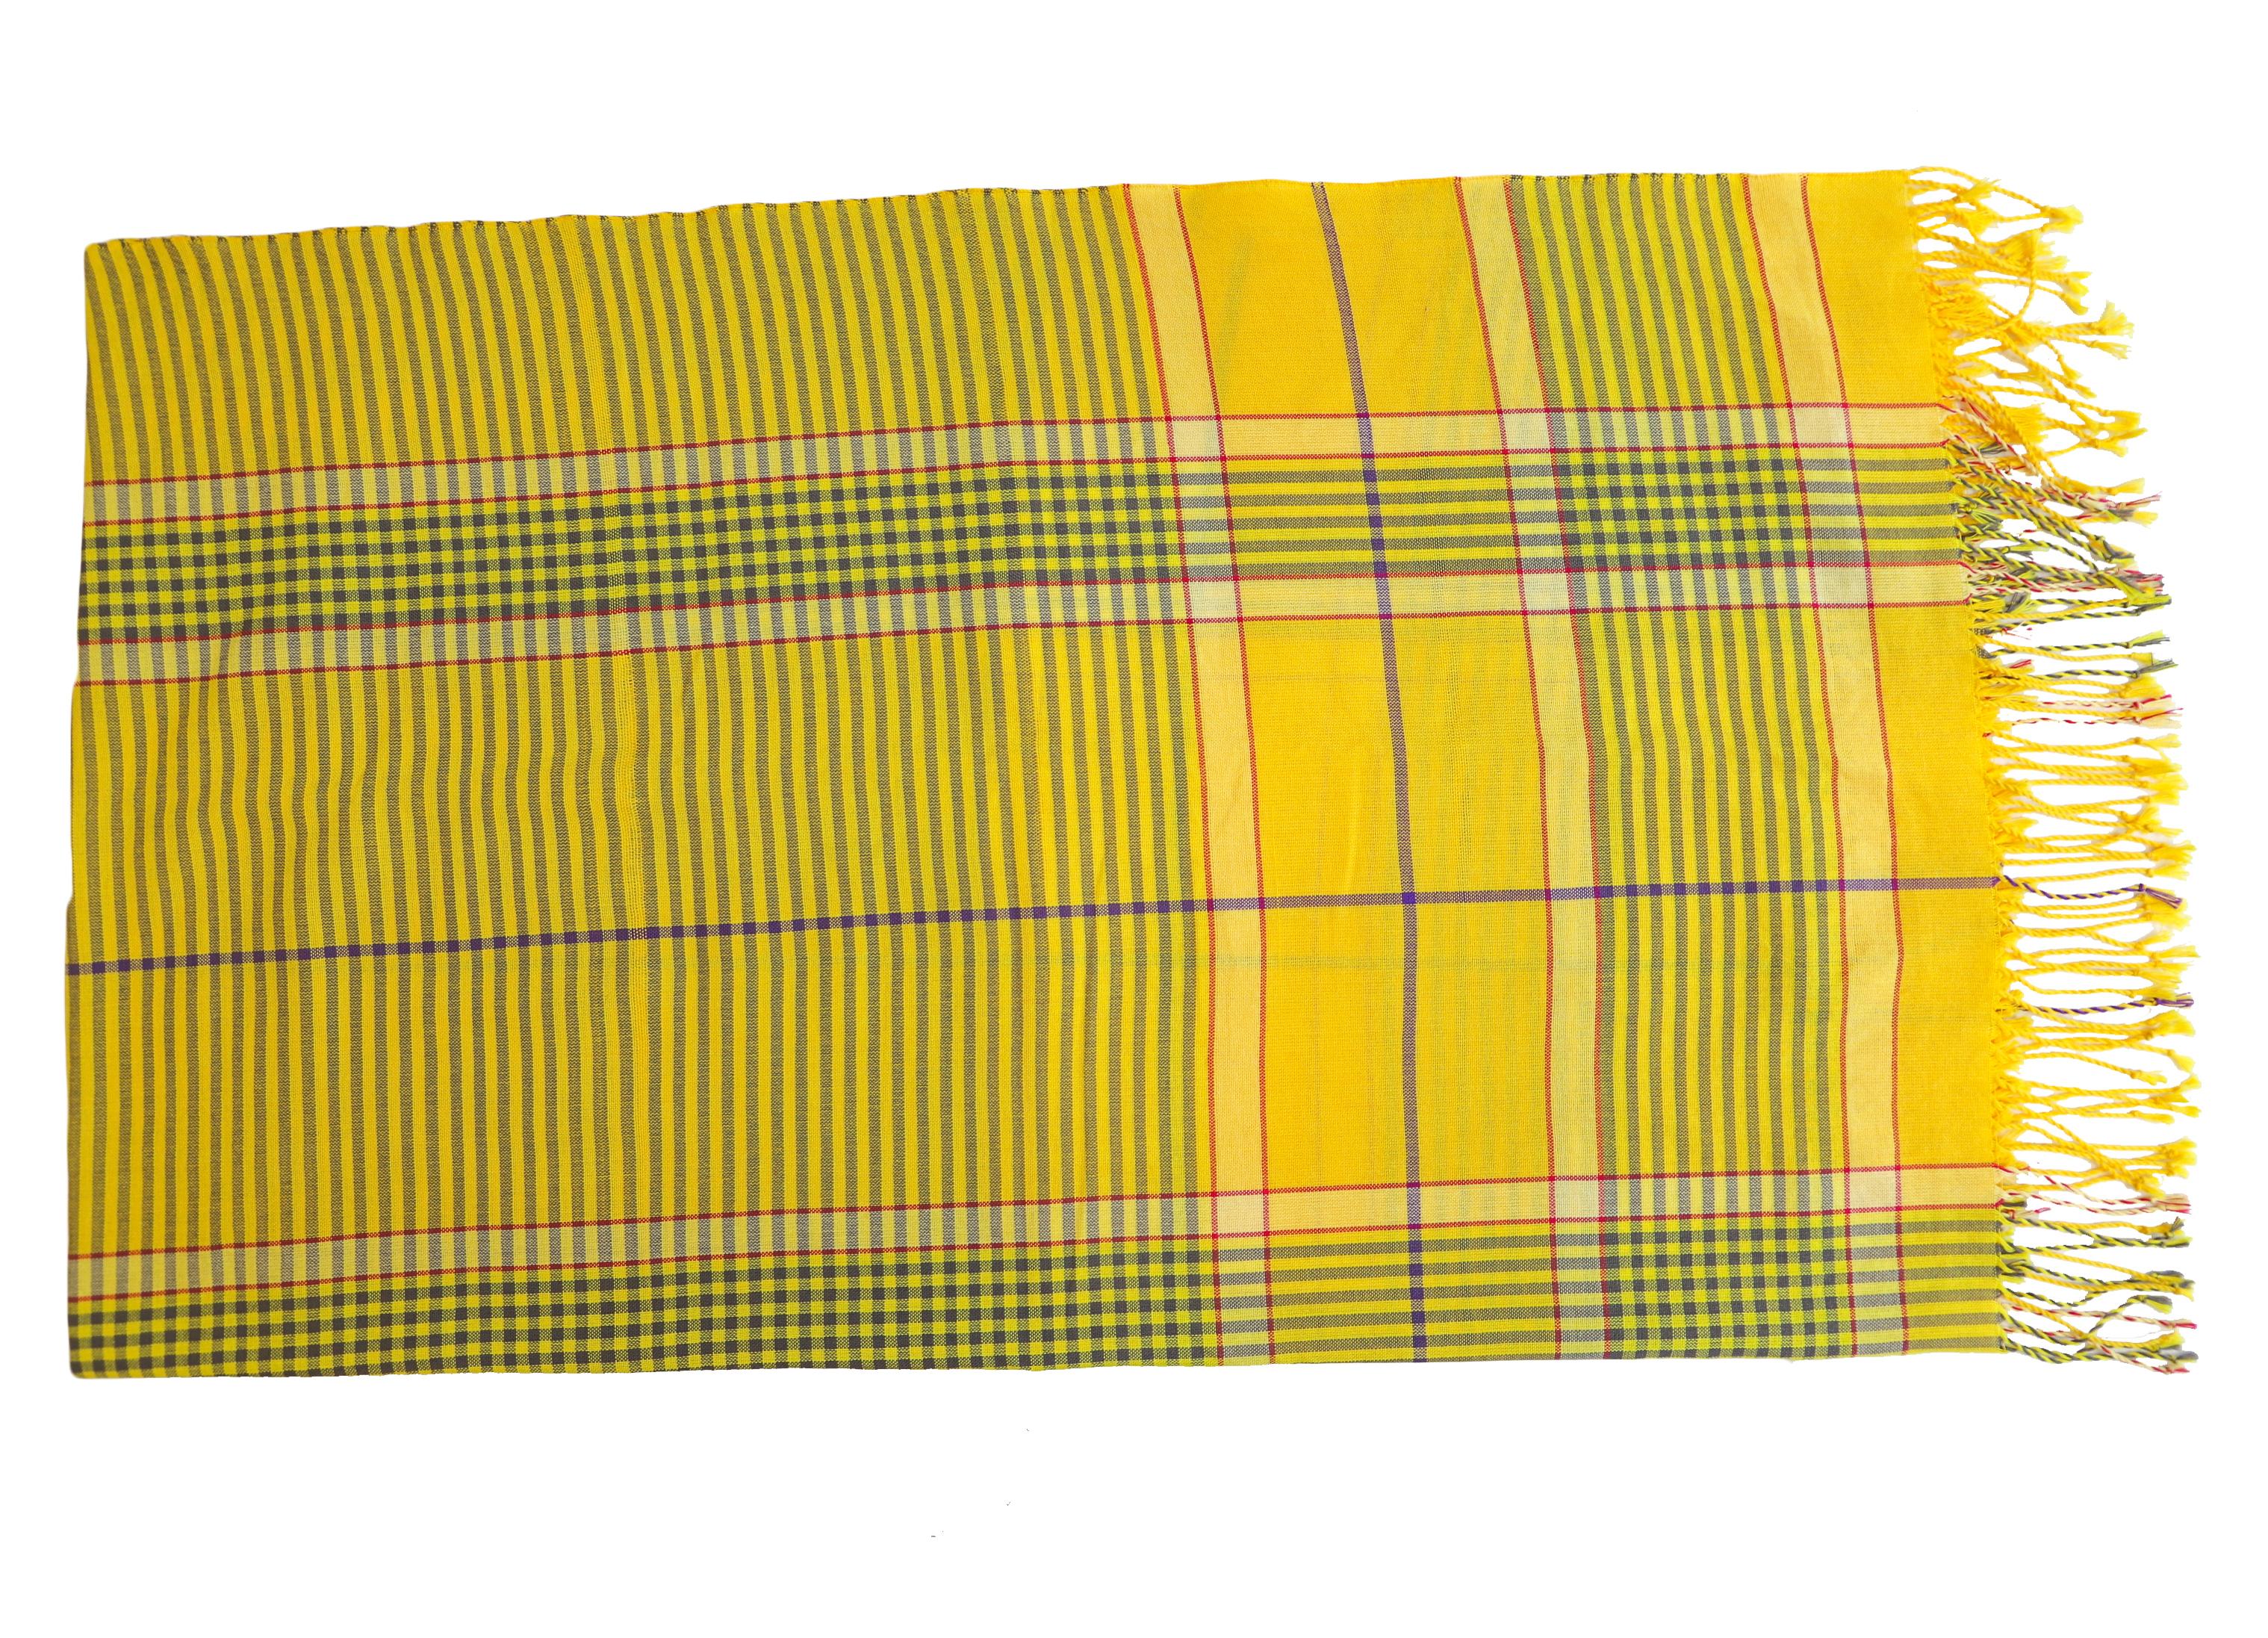 Strandtuch-gelb-gestreift-Bille-handgewebt-ksg